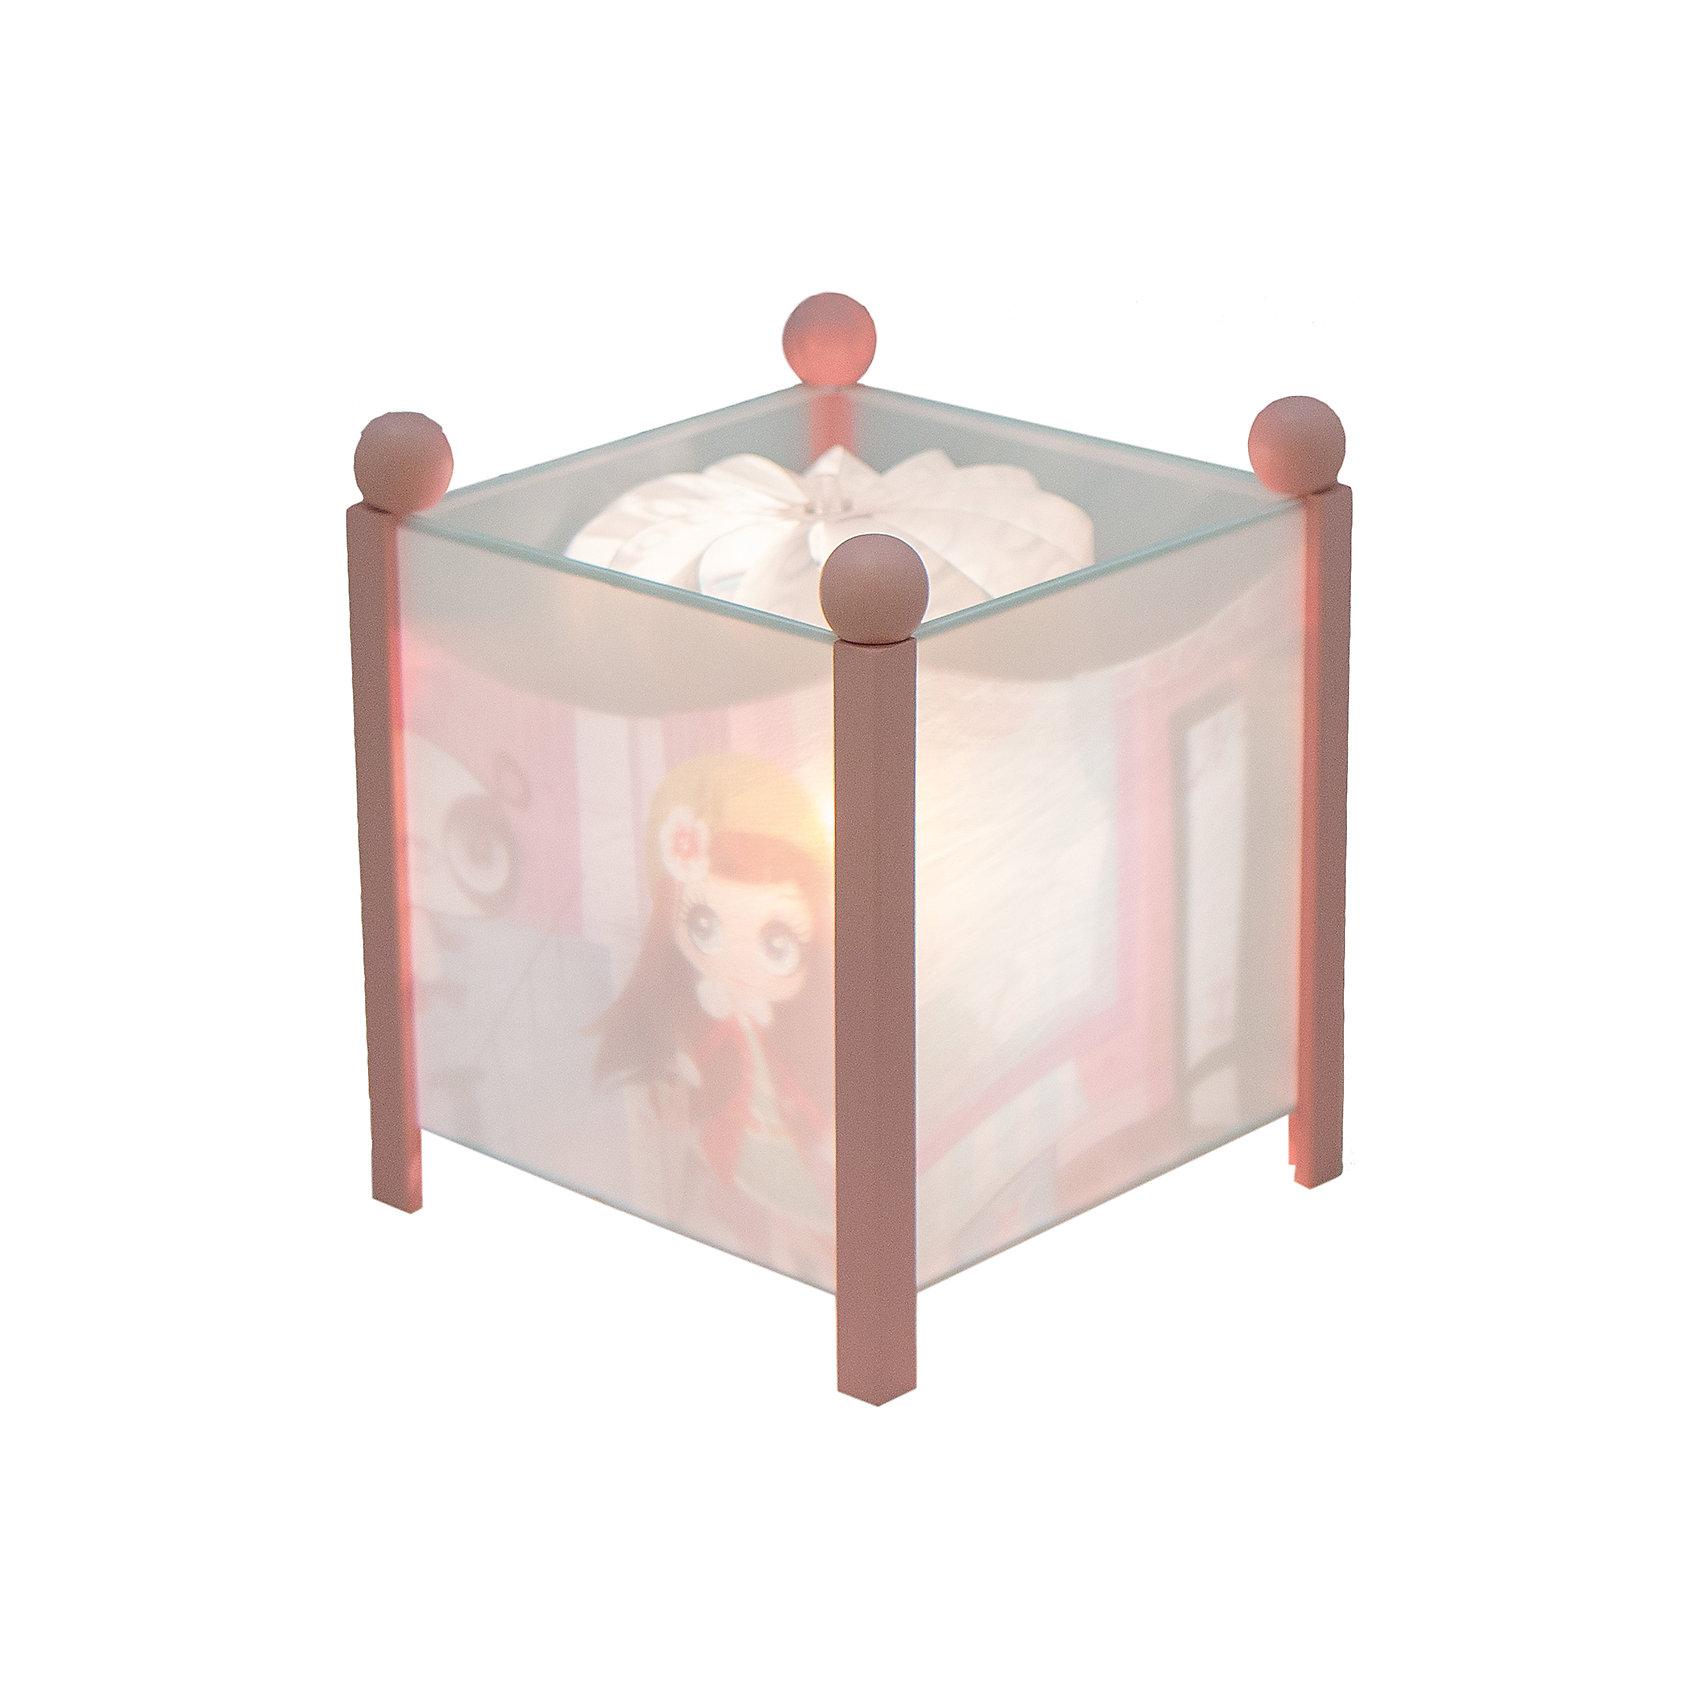 Светильник-ночник Littlest Pet Shop, 12V, TrousselierСветильник-ночник Littlest Pet Shop, 12V, Trousselier сделан в виде симпатичной игрушки, которая делает приятным и уютным погружение в сладкий мир сновидений.<br><br>Он светится нежным мягким светом, не раздражающим глазки даже ночью. Внутрь светильника встроен специальный механизм, вращающий цилиндр ночника от тепла лампочки.   Ночник упакован в праздничную коробку, что дает возможность преподнести его в качестве подарка на праздник.<br><br>Дополнительная информация:<br><br>- Цилиндр ночника вращается благодаря  системе нагрева от лампочки 12 V 20 W, розетка E 14.C. <br>- Размер: 16,50 см x 19 см. <br>- Материал: металлический корпус, деревянные ножки и углы, пластиковый, жароустойчивый цилиндр.<br>- Вес: 1037 г<br>- Поставляется в подарочной упаковке.<br>Соответствует нормам безопасности: CE EN 60598-2-10<br><br>Светильник-ночник Littlest Pet Shop, 12V, Trousselier можно купить в нашем магазине.<br><br>Ширина мм: 160<br>Глубина мм: 160<br>Высота мм: 190<br>Вес г: 1037<br>Возраст от месяцев: 36<br>Возраст до месяцев: 144<br>Пол: Женский<br>Возраст: Детский<br>SKU: 3807743